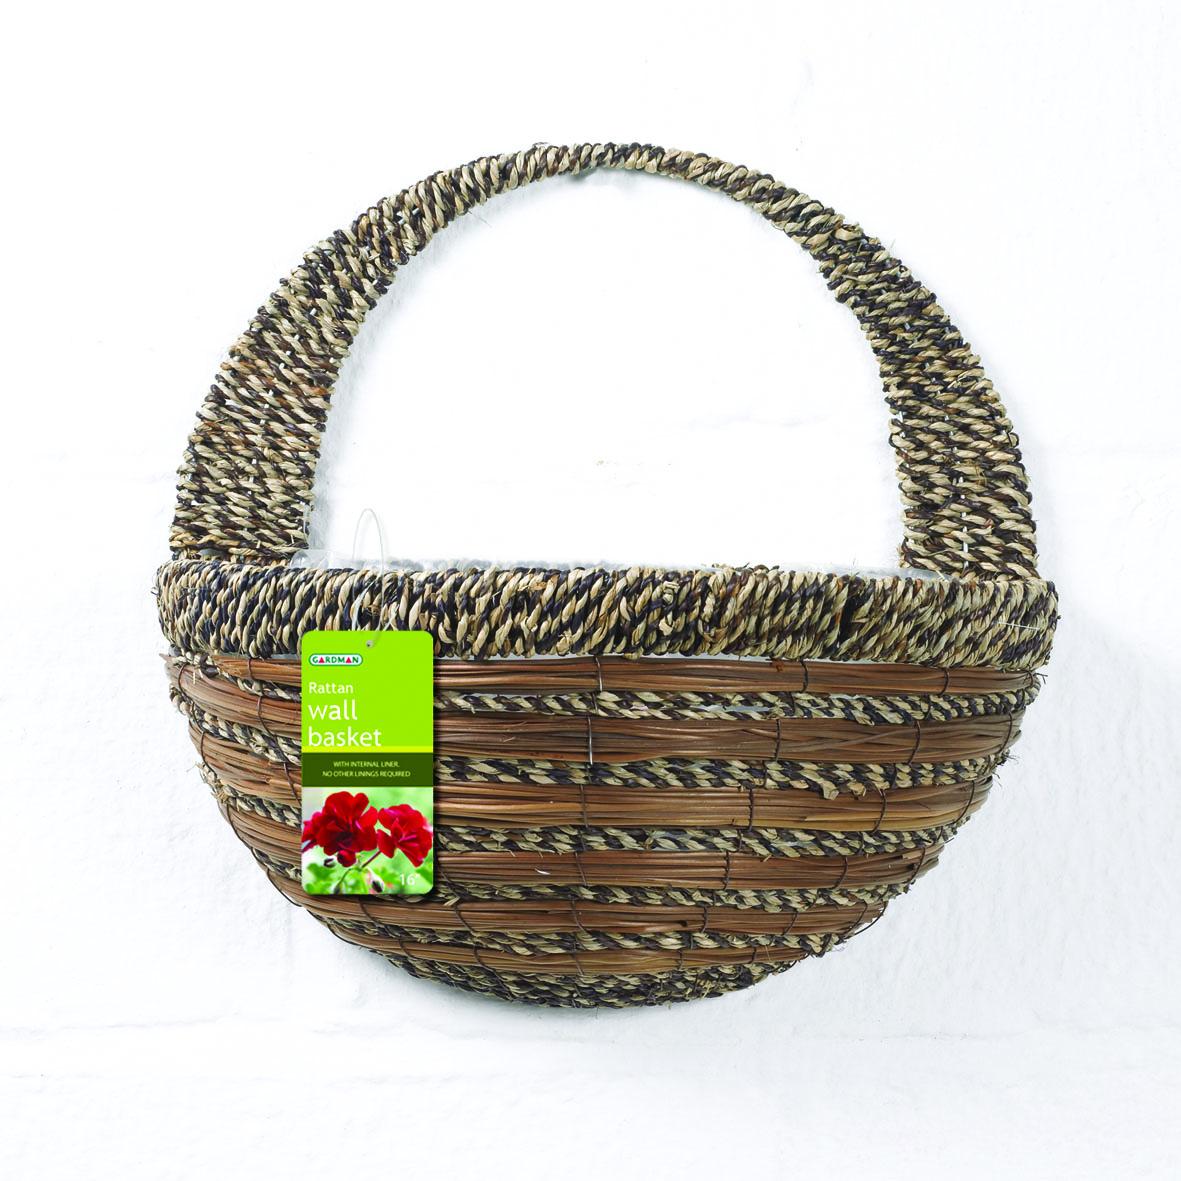 Кашпо настенное Gardman, 40 см х 20 см х 19 см. 02780Z-0307Настенное кашпо Gardman выполнено в виде плетеной корзинки из сизалевого волокна. Каркас изготовлен из металла. Корзина уже оснащена специальной пленкой и полностью готова для посадки растений. Прекрасно подходит для цветов.Кашпо часто становятся последним штрихом, который совершенно изменяет интерьер помещения или ландшафтный дизайн сада. Благодаря такому кашпо вы сможете украсить вашу комнату, офис или сад. Характеристики: Материал: металл, сизаль. Размер углубления для посадки (ДхШхВ): 40 см х 20 см х 19 см. Общий размер кашпо (ДхШхВ): 40 см х 22 см х 40 см. Товары для садоводства от Gardman - это вещи, сделанные с любовью, с истинно английской практичностью, основанной на глубоких традициях садоводства Великобритании. Эти товары широко известны садоводам Европы, США, Канады и Японии. Демократичные цены и продуманный ассортимент Gardman завоевал признательность и российского покупателя, достойного хороших, качественных вещей. В ассортименте Gardman есть практически все, что нужно современному садоводу - от совочка для рассады до предметов декора и ландшафтного дизайна.